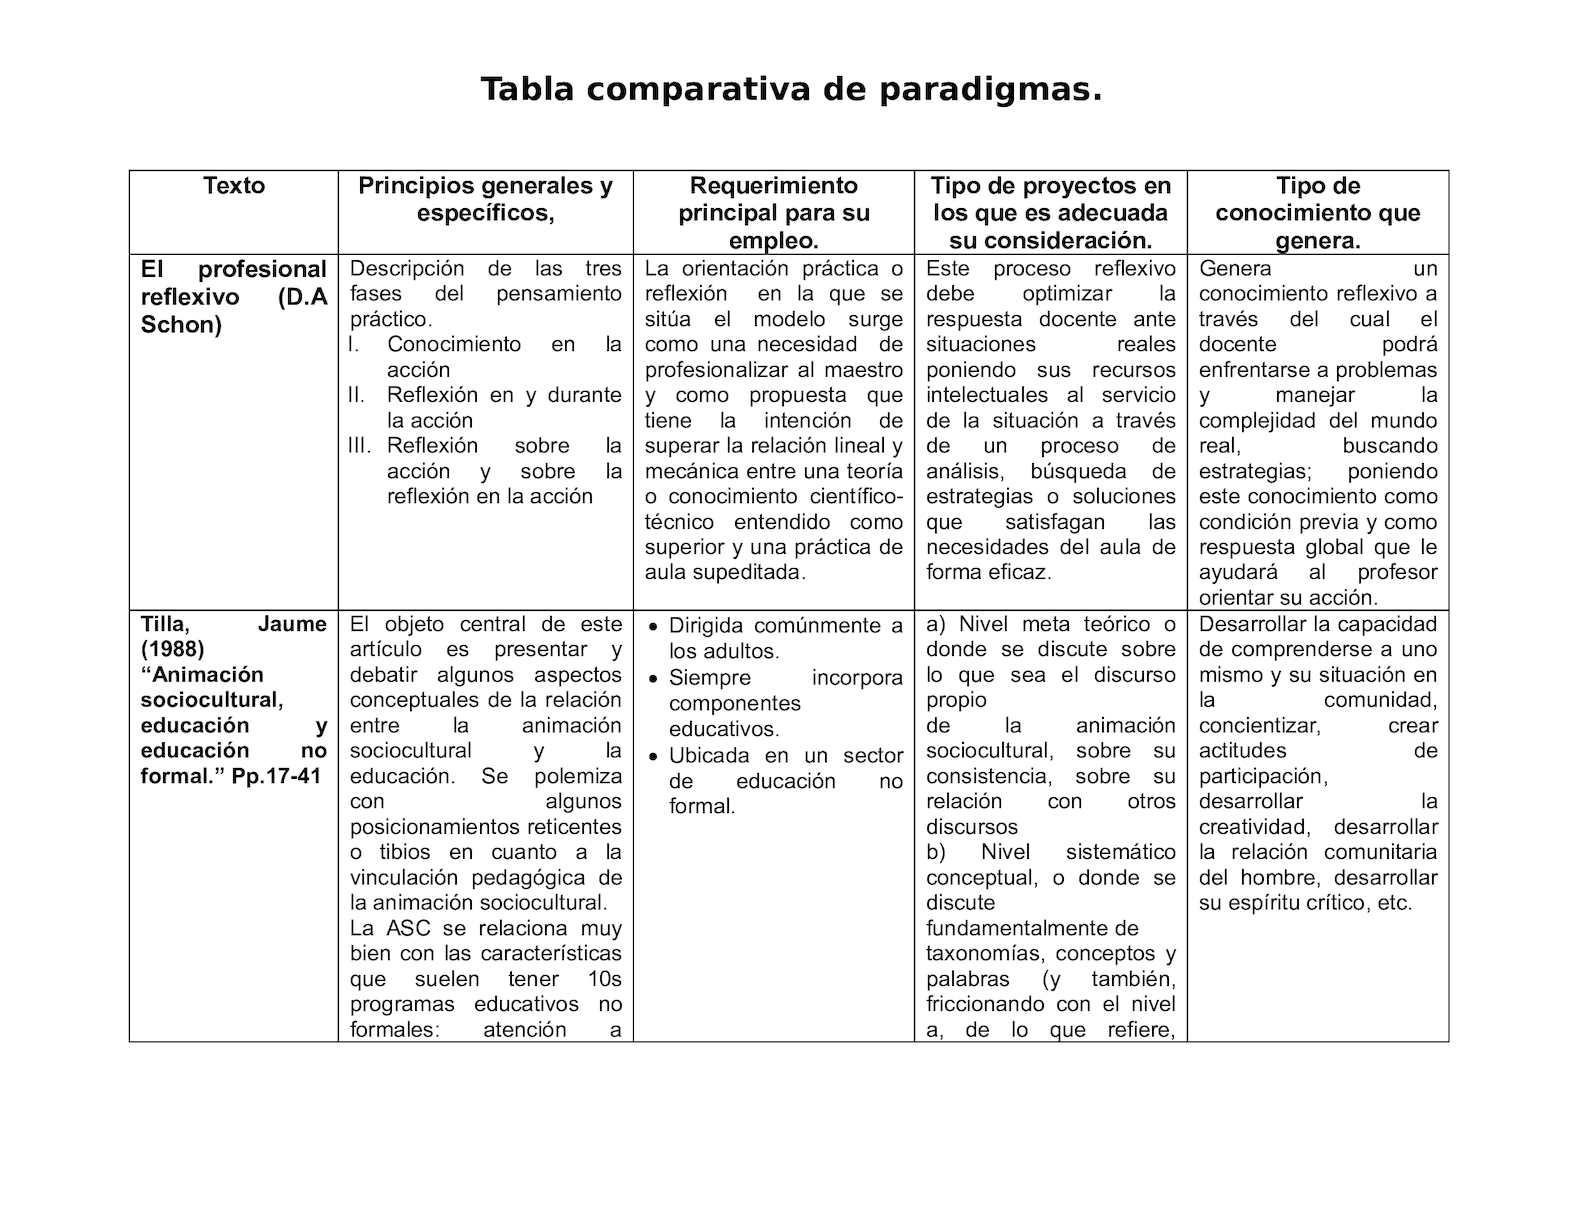 TABLA COMPARATIVA DE SEMEJANZAS Y DIFERENCIAS